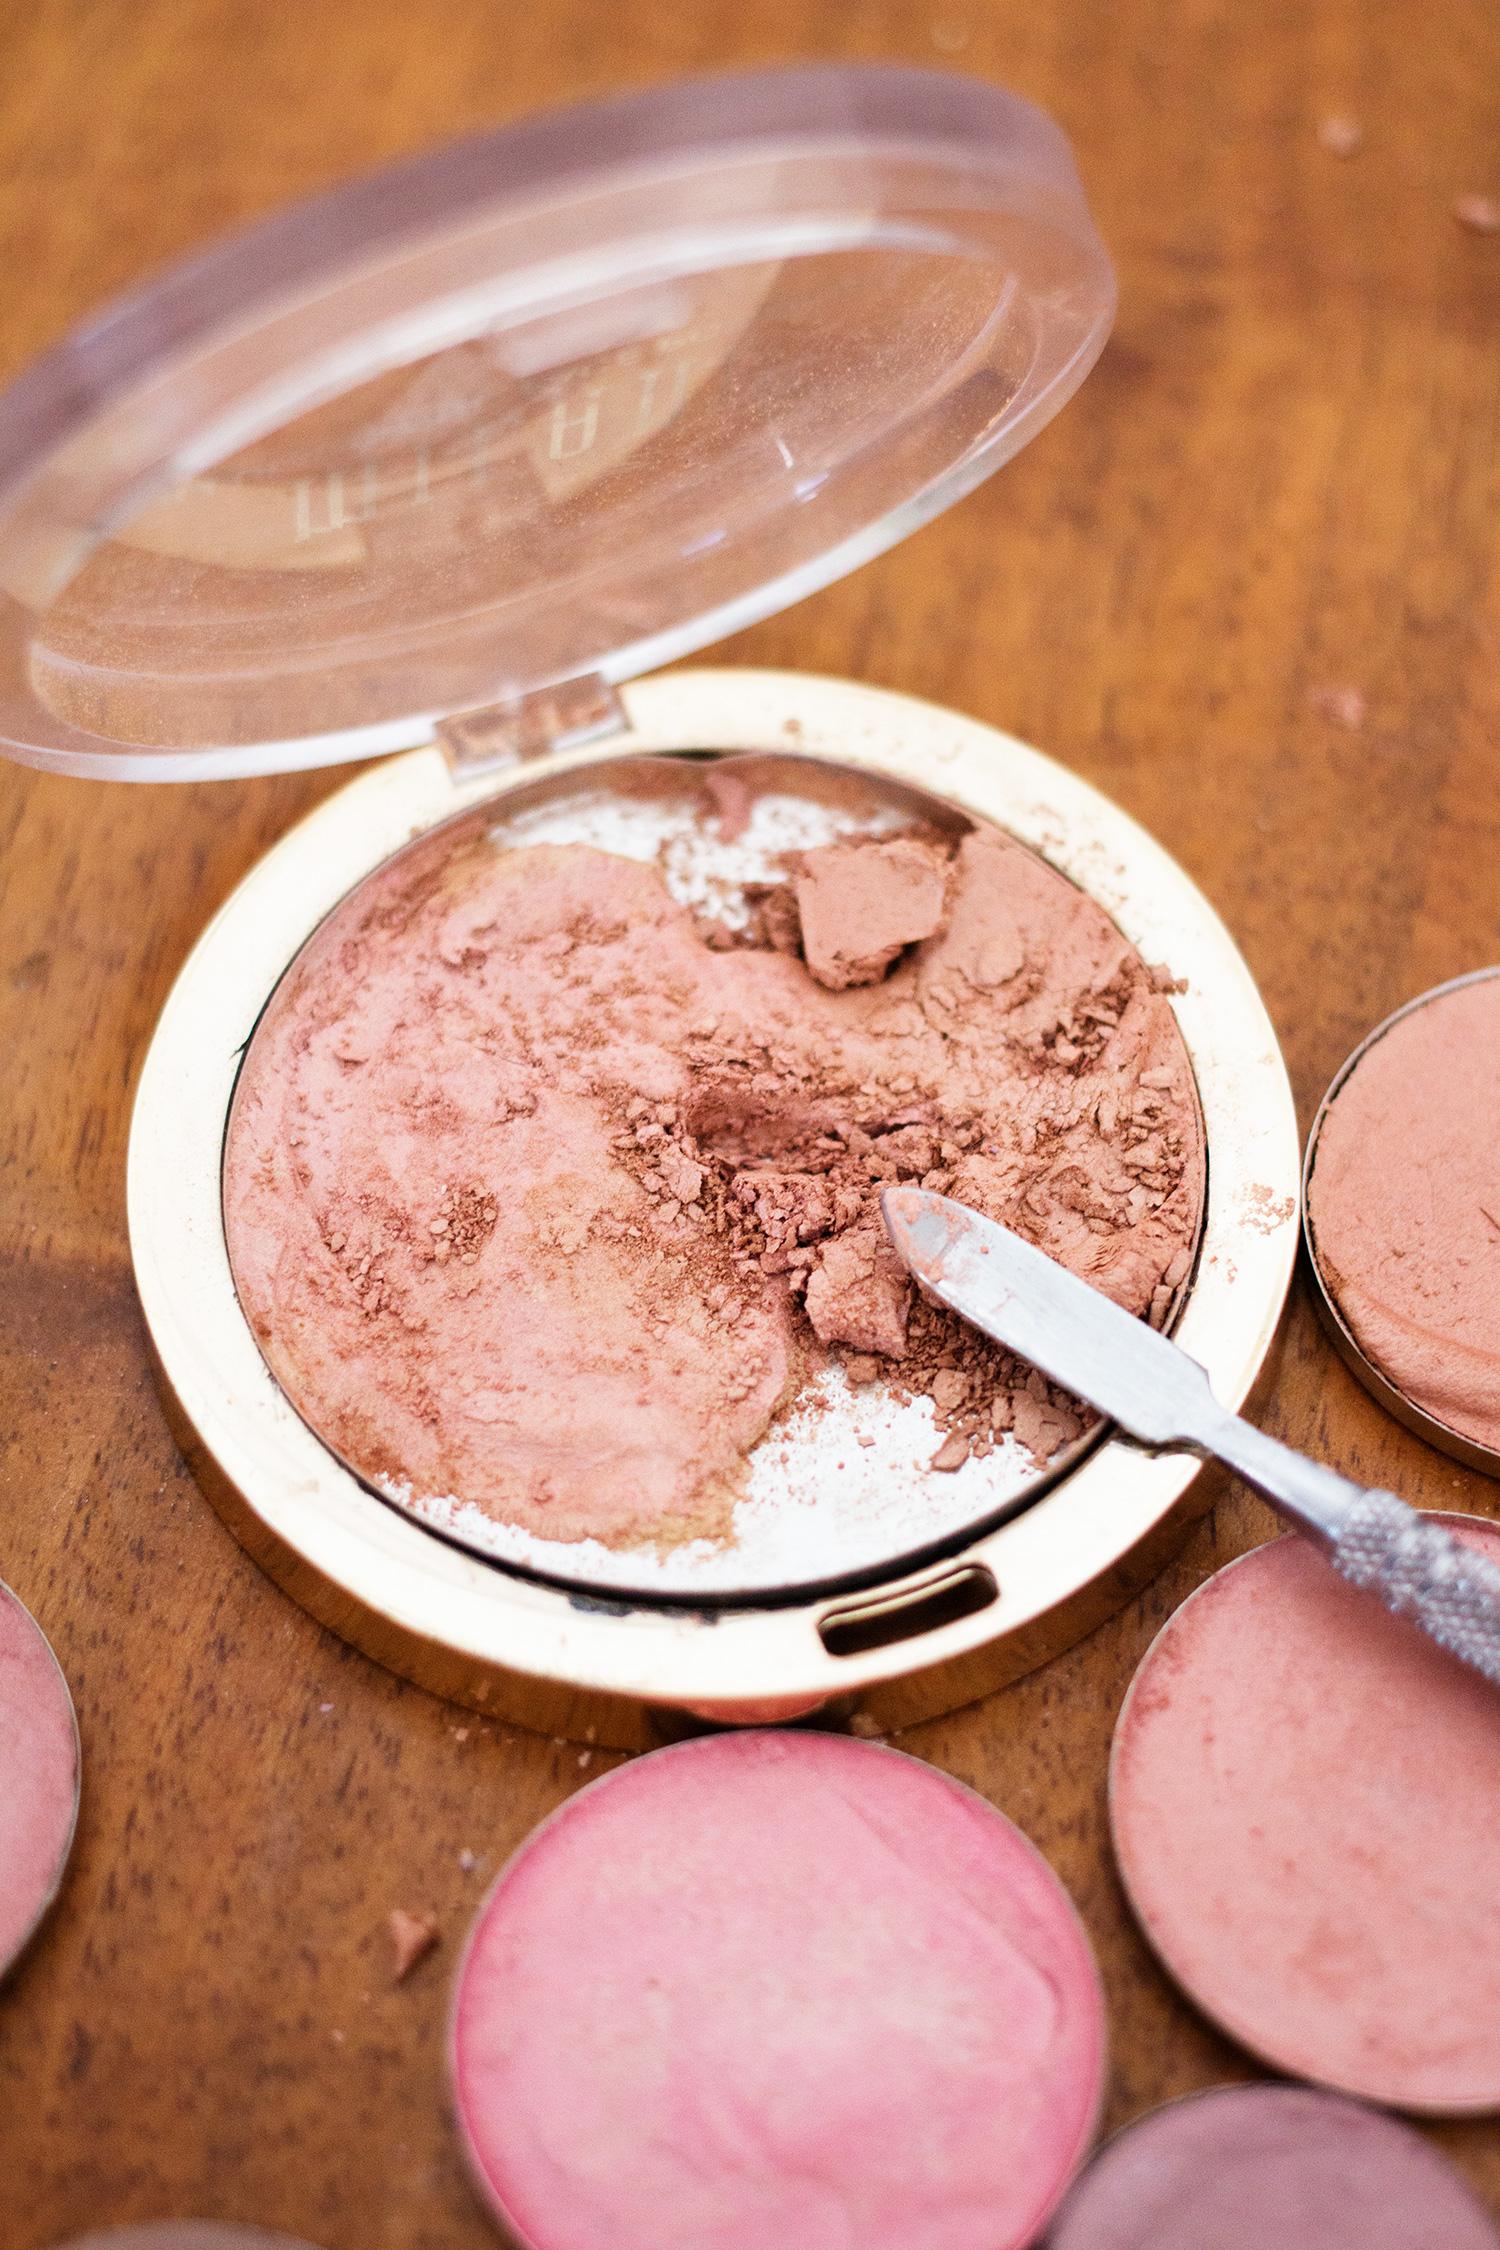 Fixing-broken-makeup.jpg